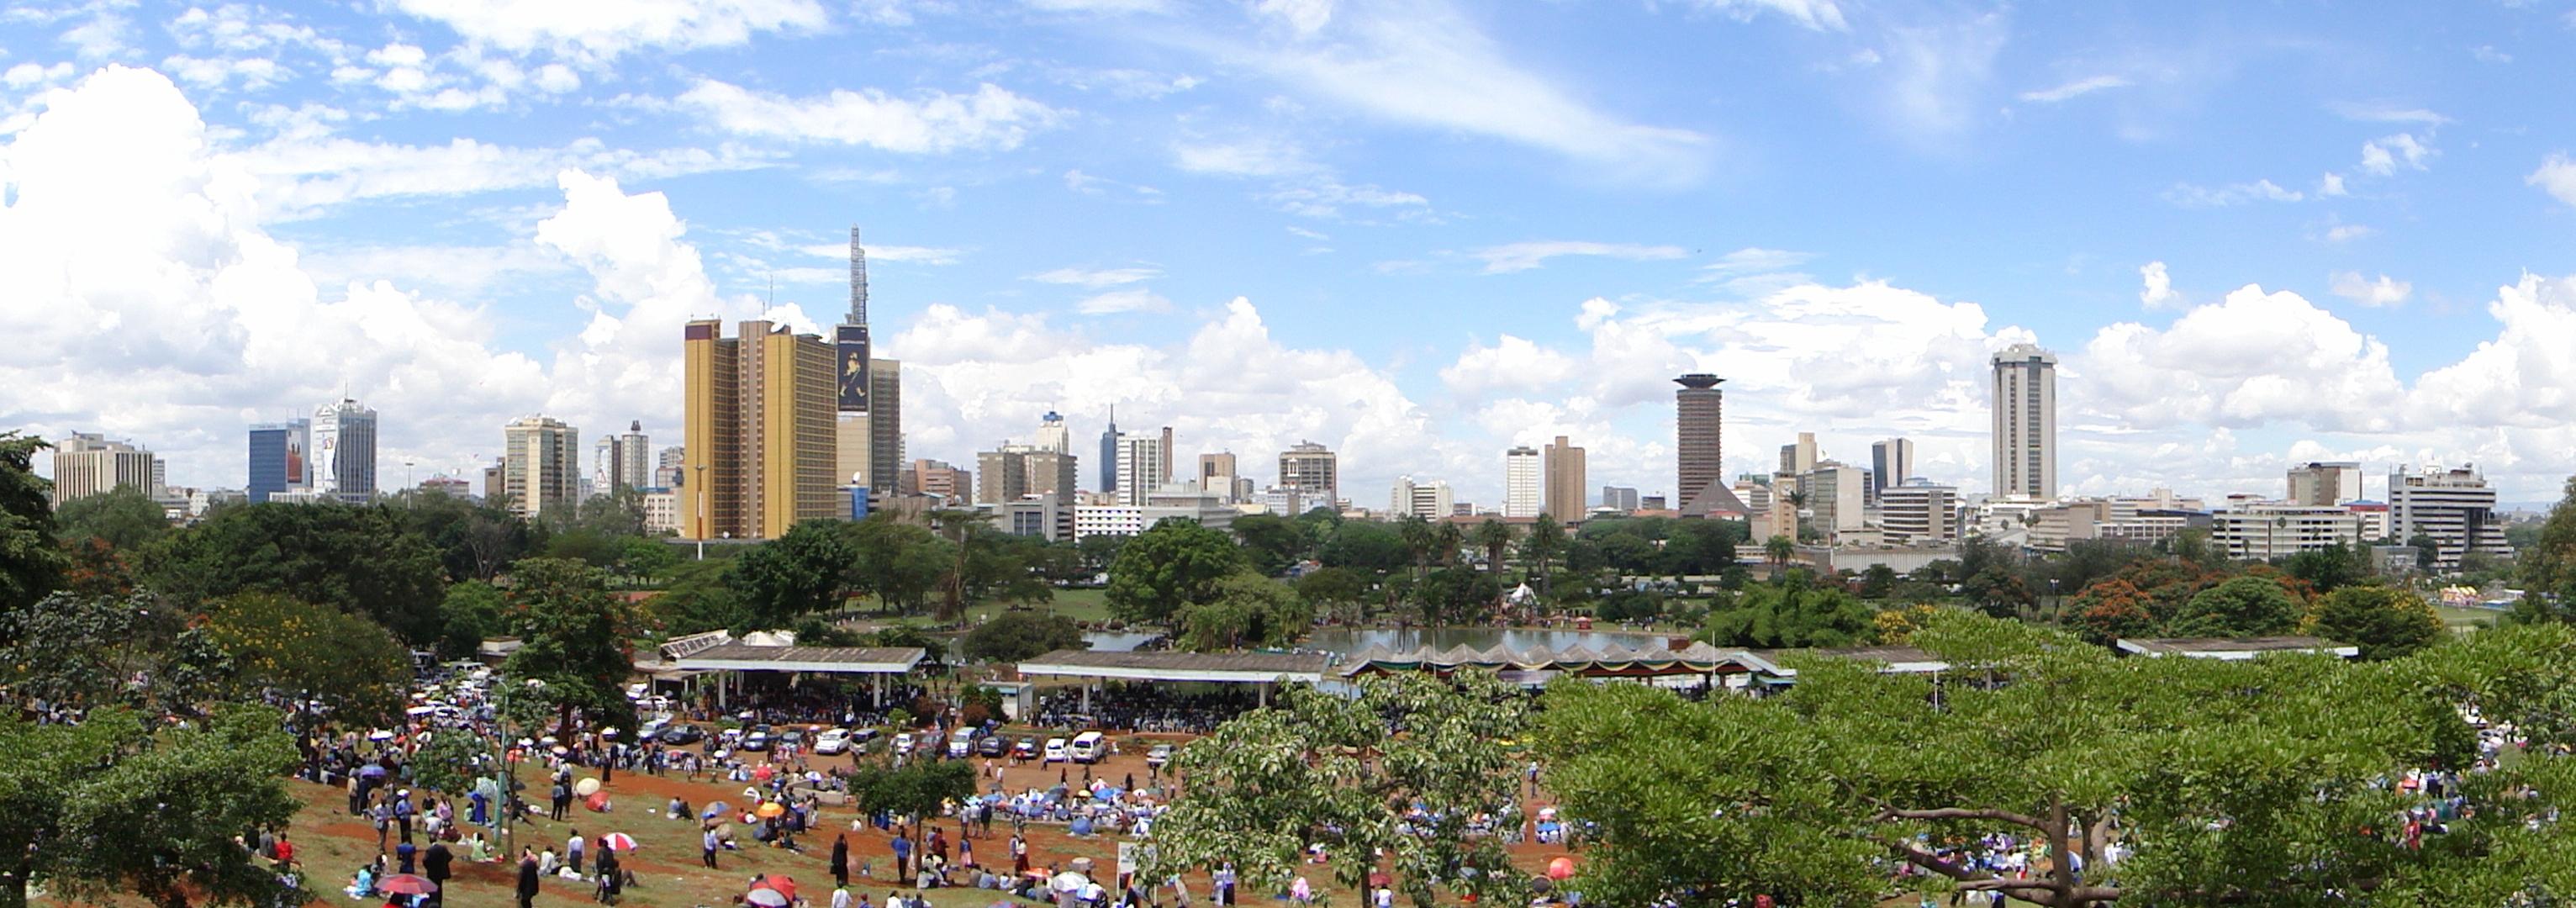 Nairobi pano